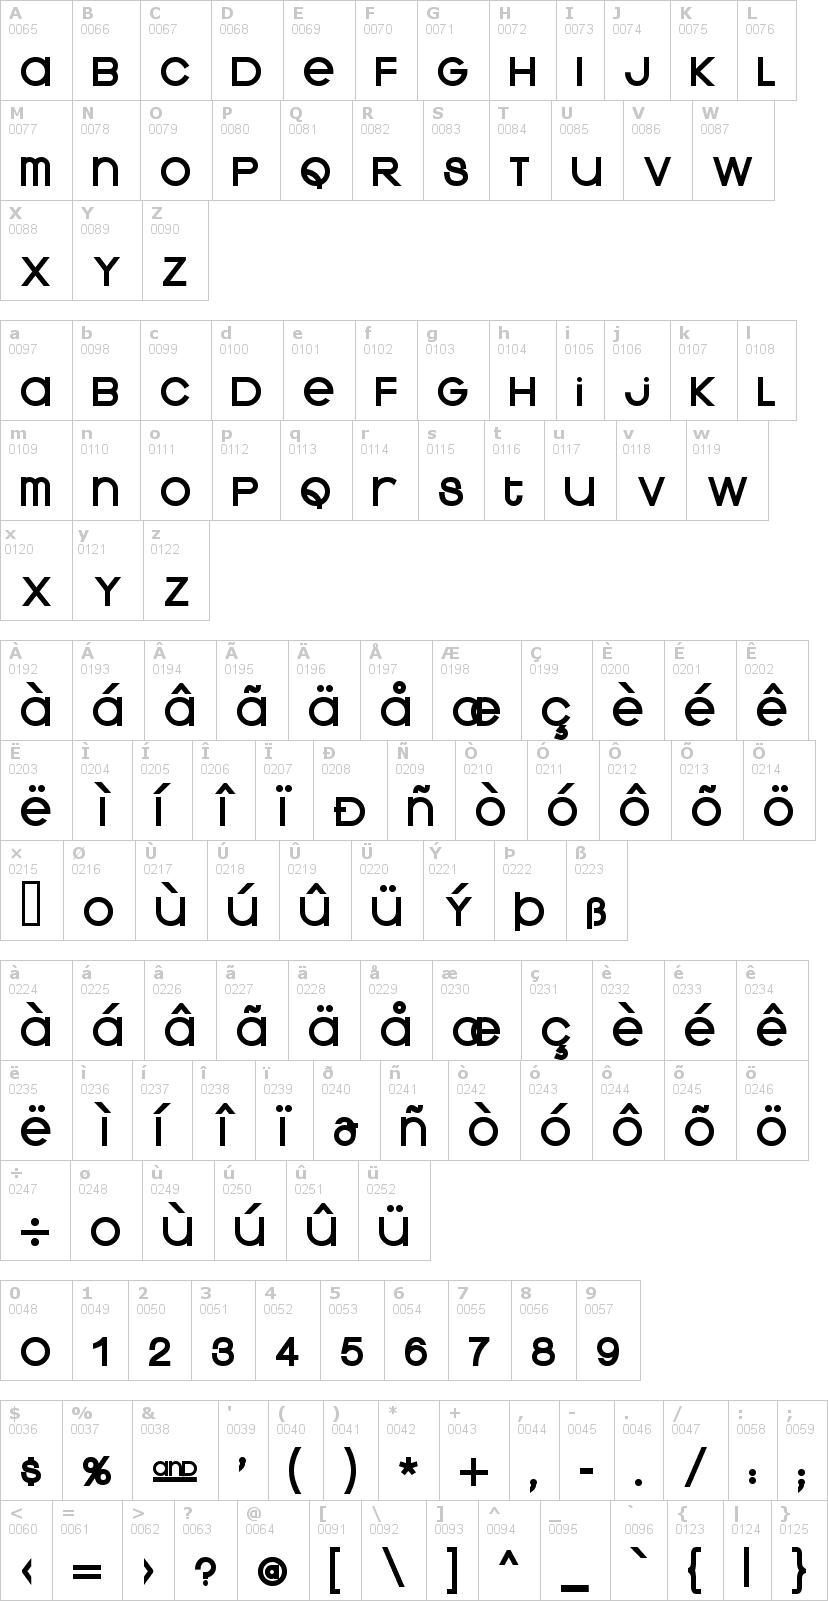 Lettere dell'alfabeto del font kravitz con le quali è possibile realizzare adesivi prespaziati